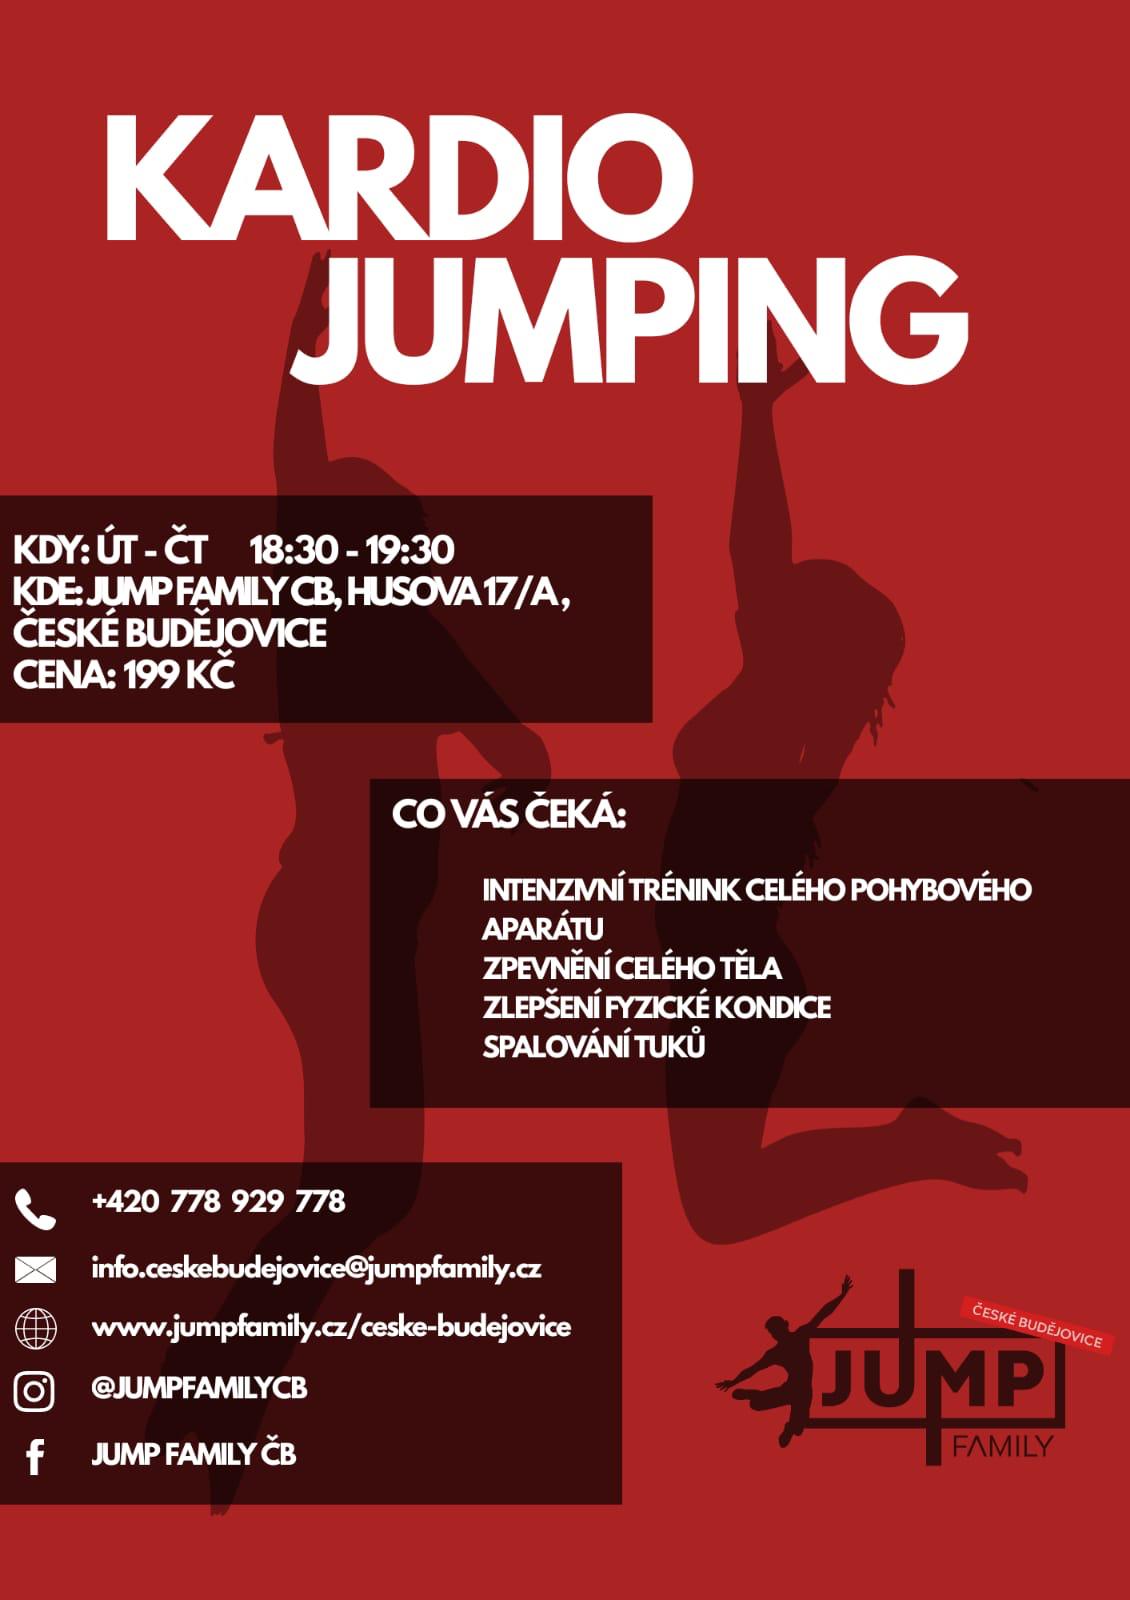 KARDIO JUMPING KAŽDÉ ÚT a ČT od 18:30-19:30